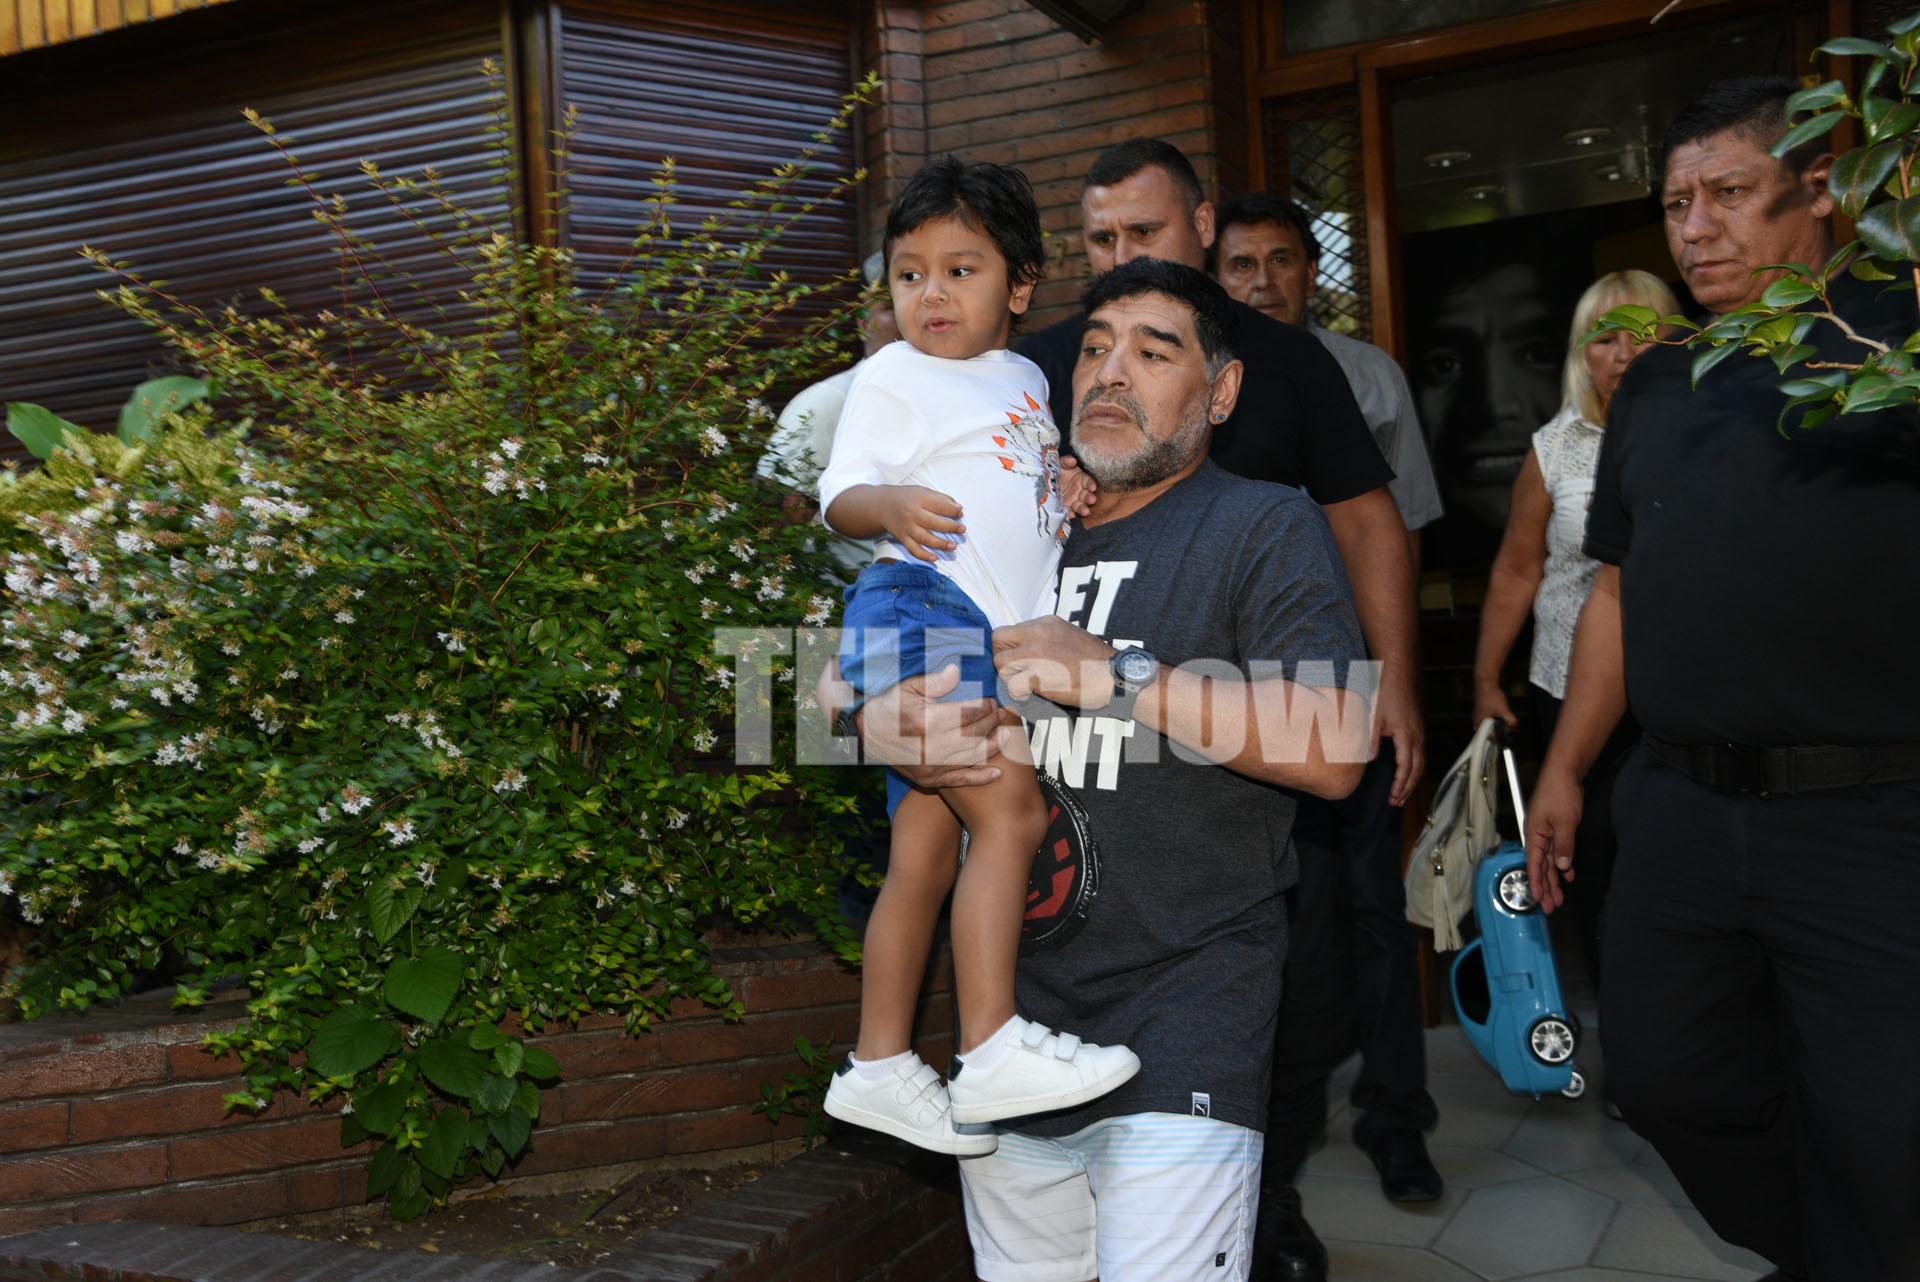 El ex futbolista se reencontró con su hijo menor después de firmar un régimen de visitas con la madre del pequeño, Verónica Ojeda